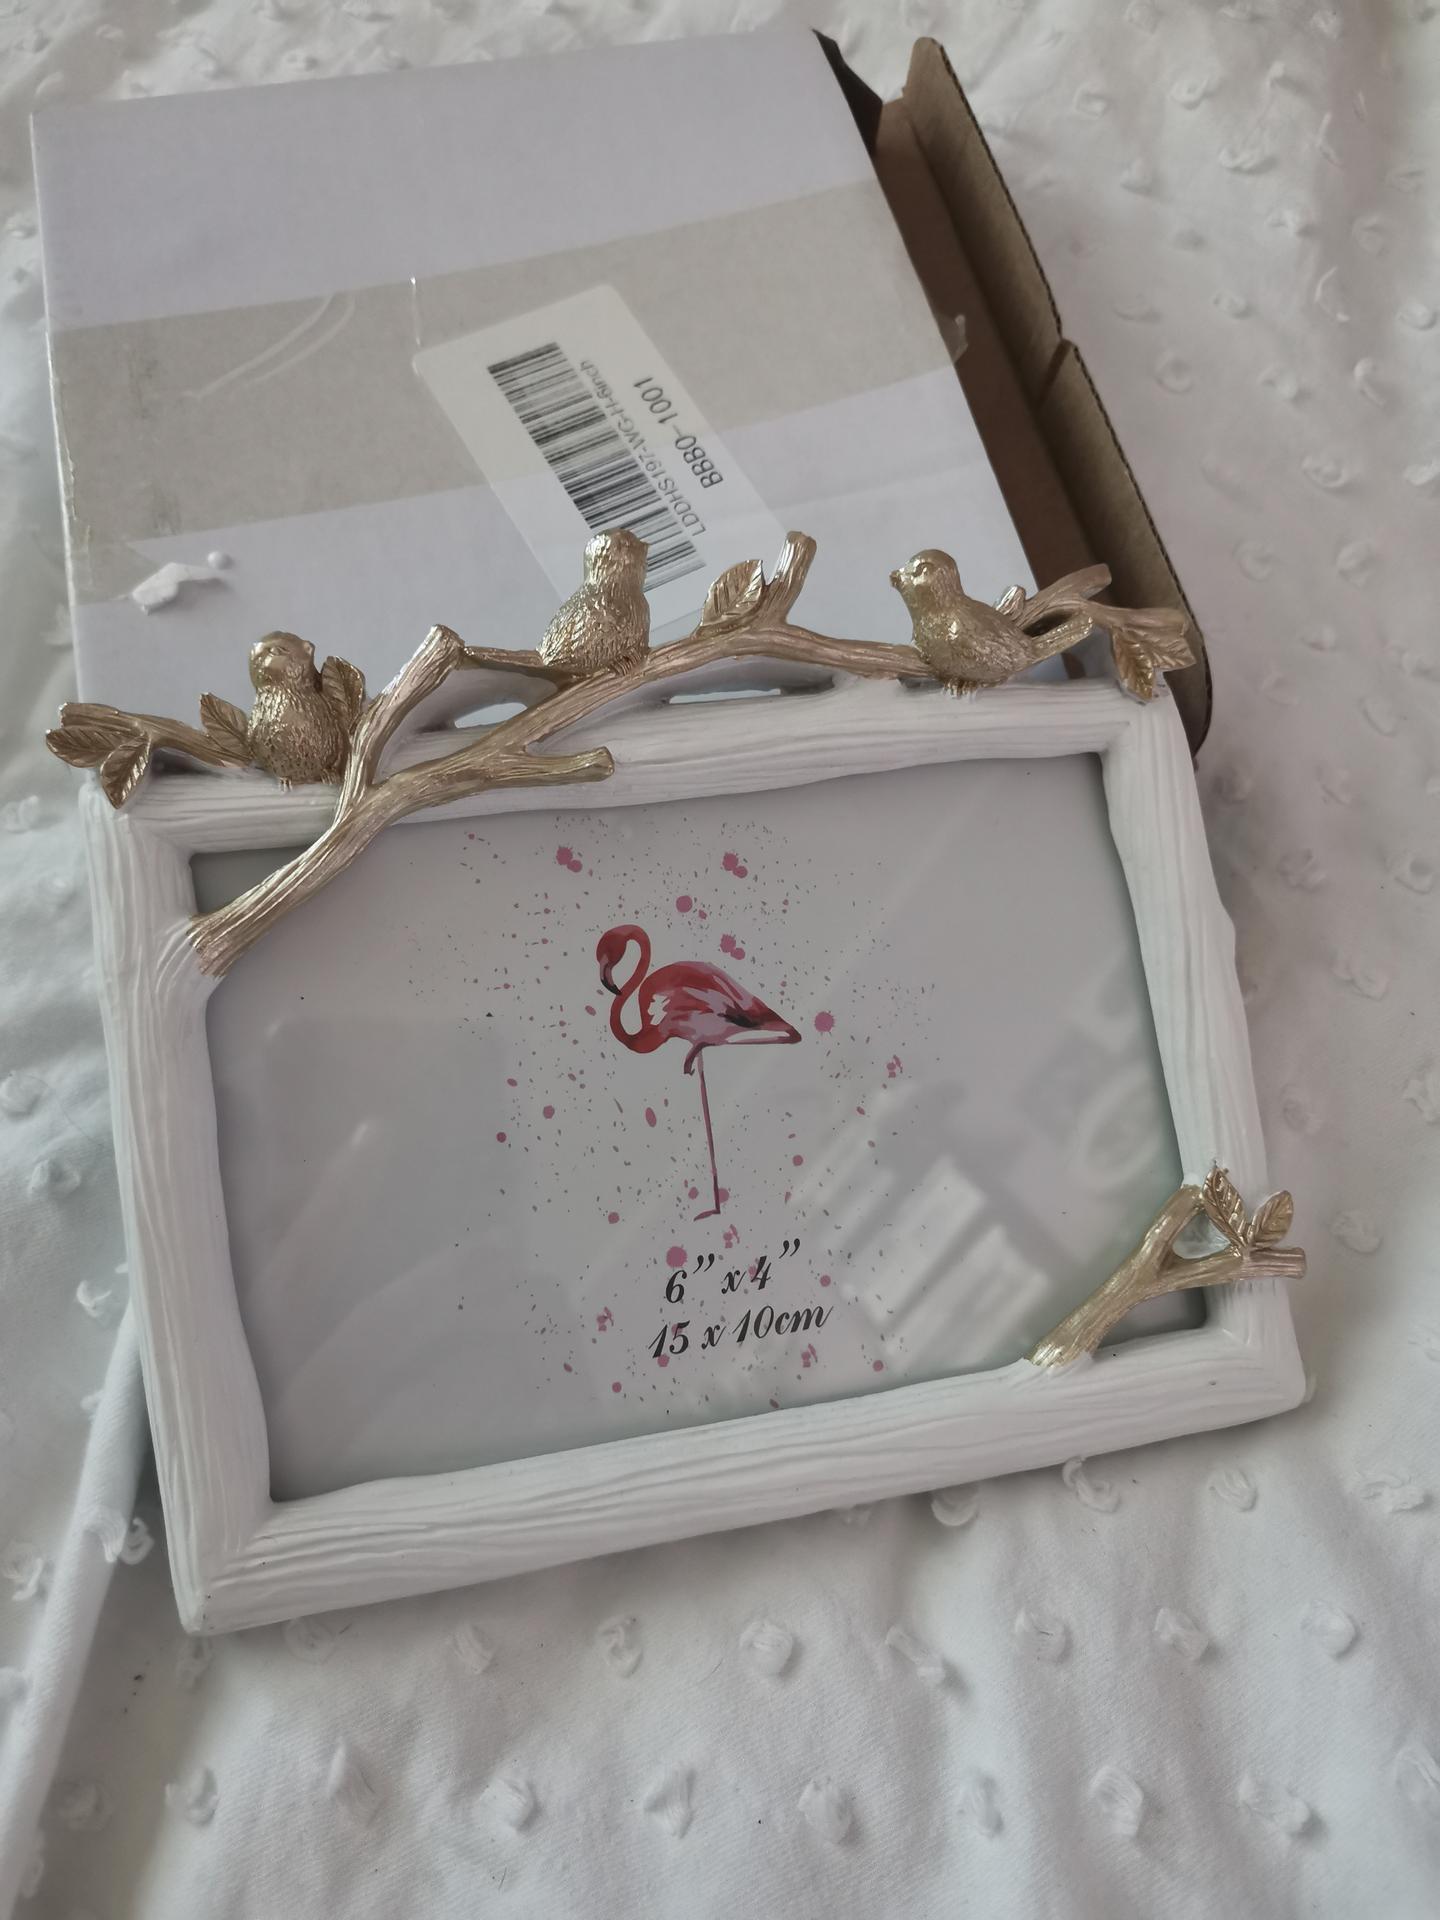 Vrabcovi 10.9.2022 - rámečky pro rodiče s naší fotkou z předsvatebního focení - ali a je to pravý sklo, žádný plexi